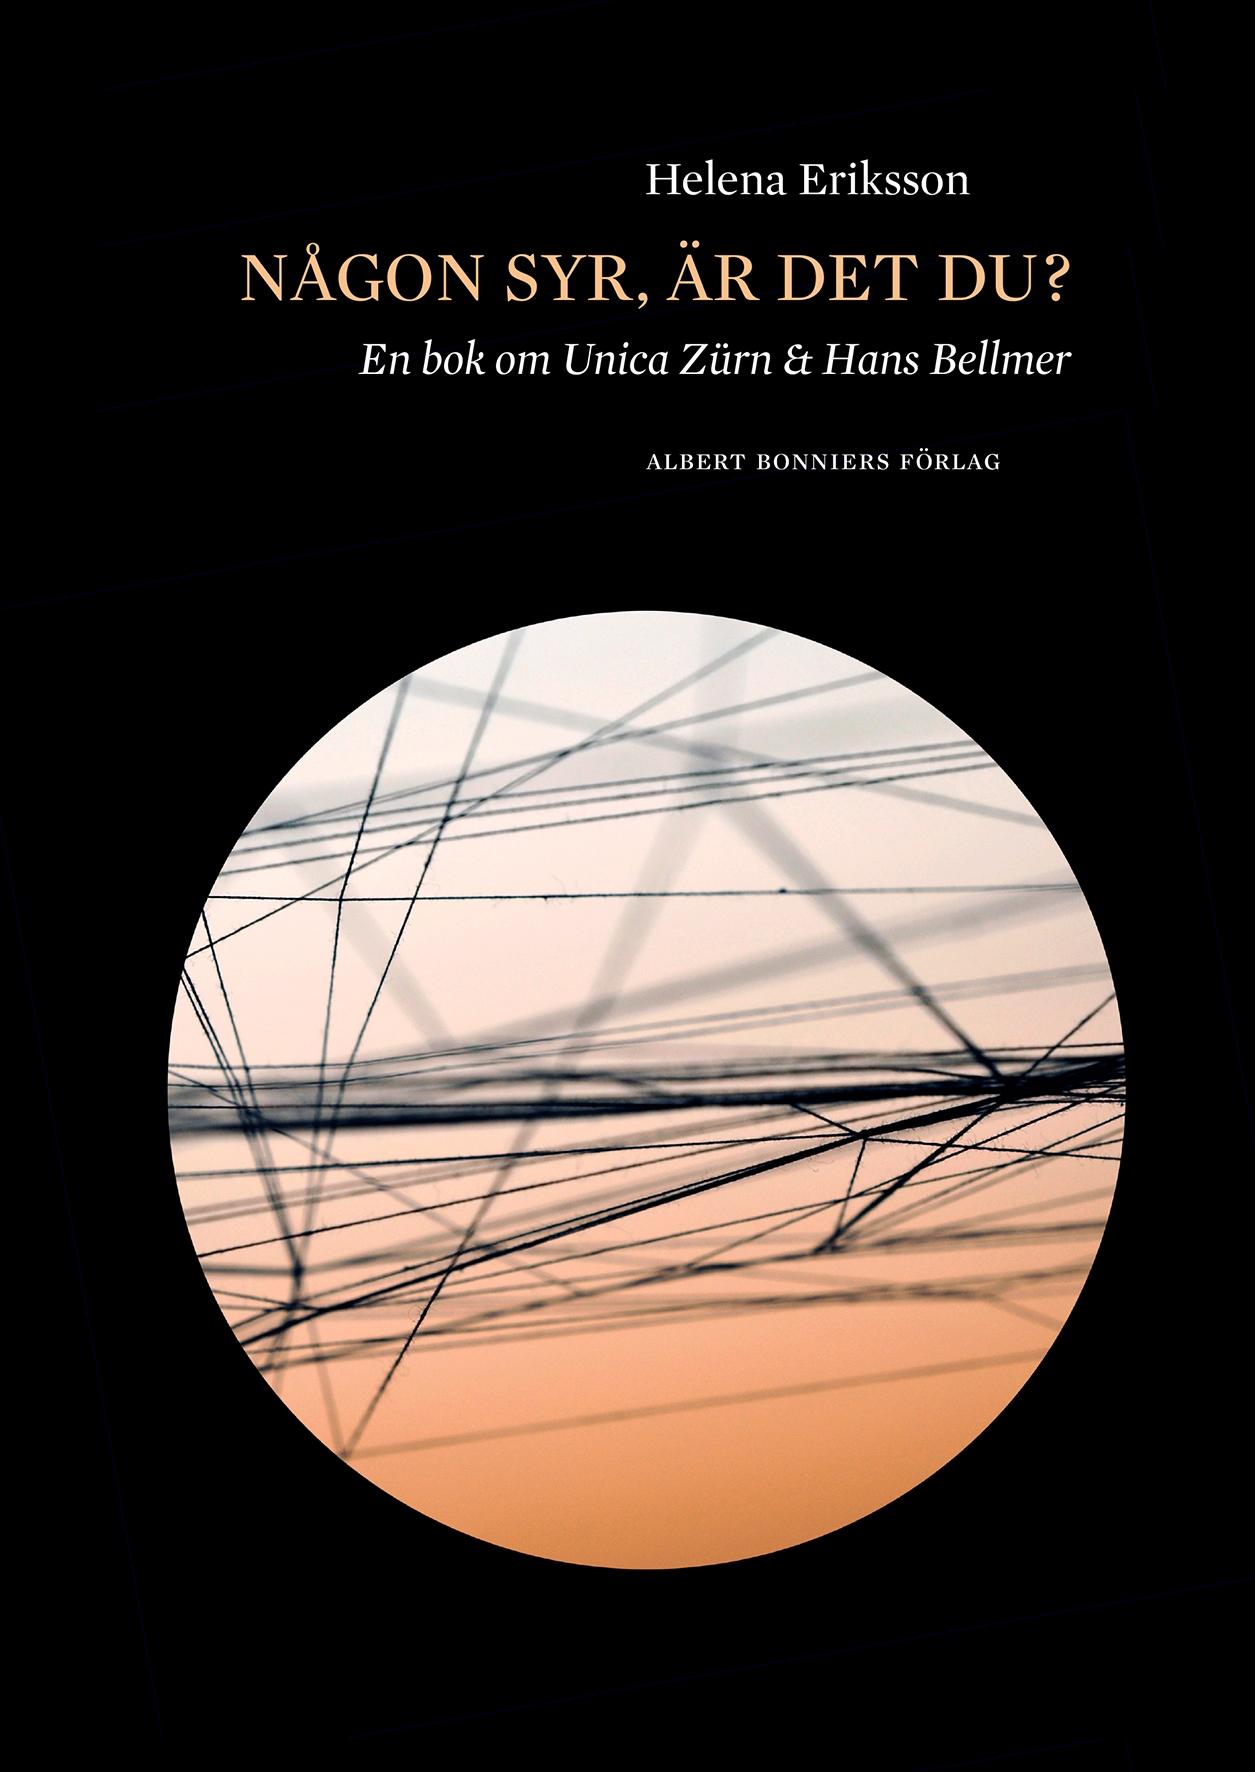 Helena Eriksson, Någon syr, är det du? En bok om Unica Zürn & Hans Bellmer (Albert Bonniers förlag, 2014).